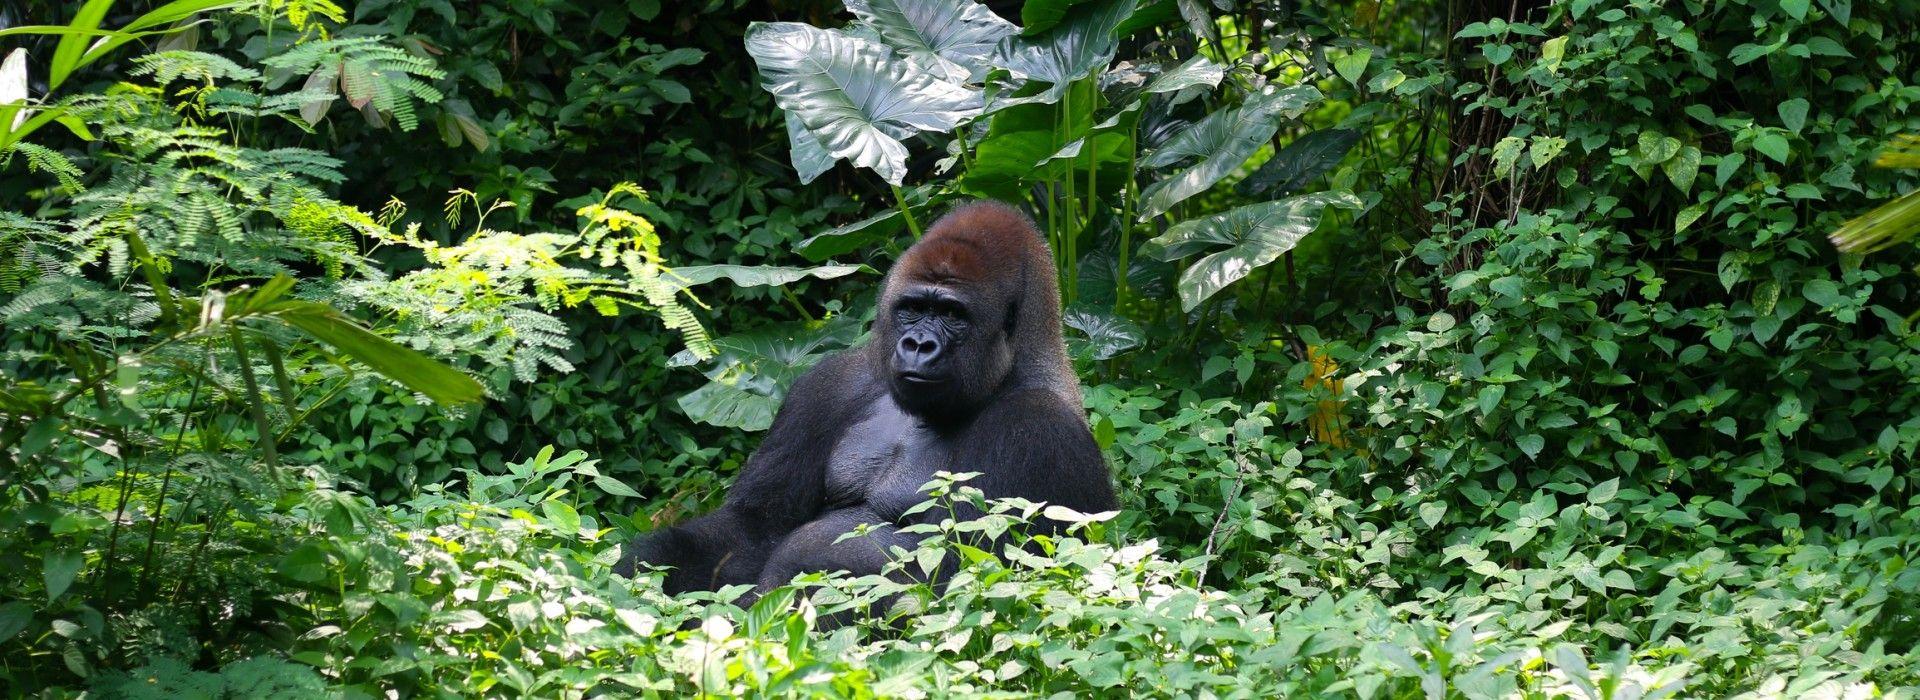 Safari Tours in Kigali